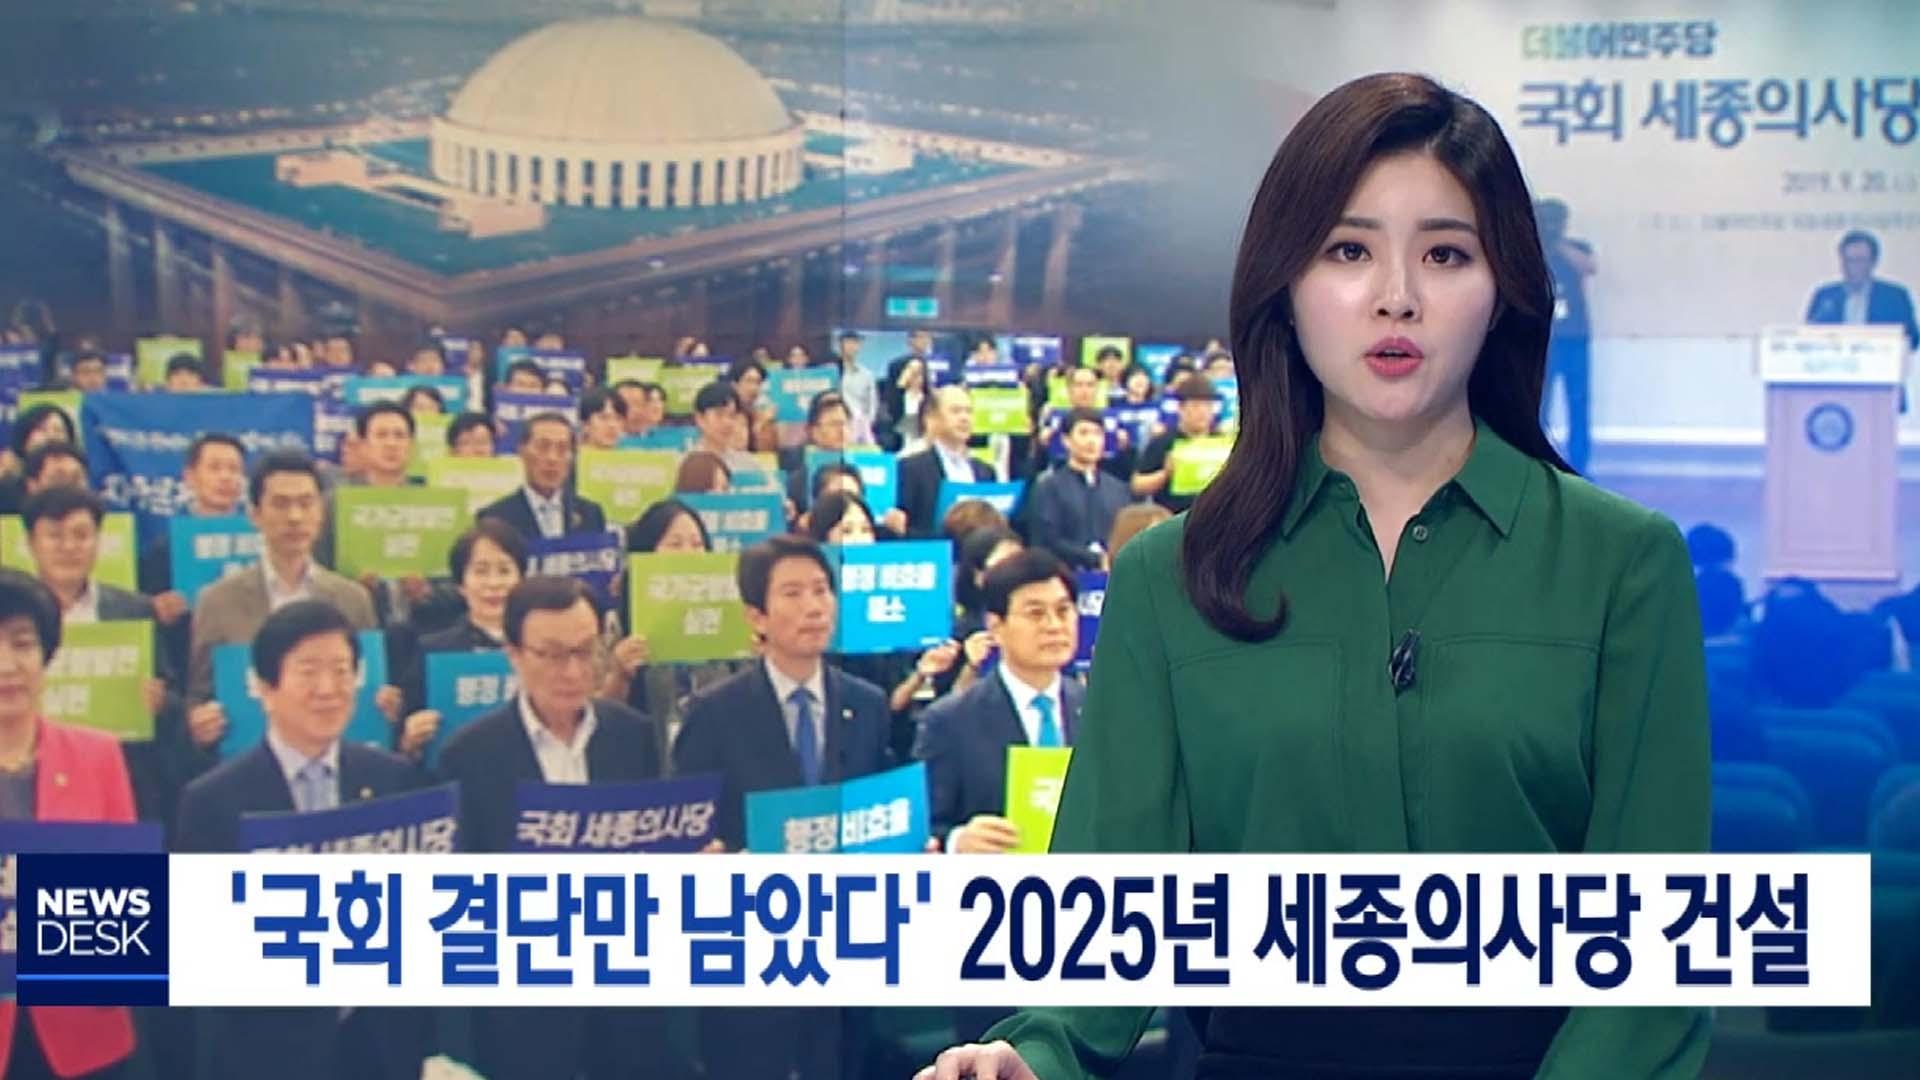 [대전MBC] 국회 결단만 남았다 2025년 세종의사당 건설